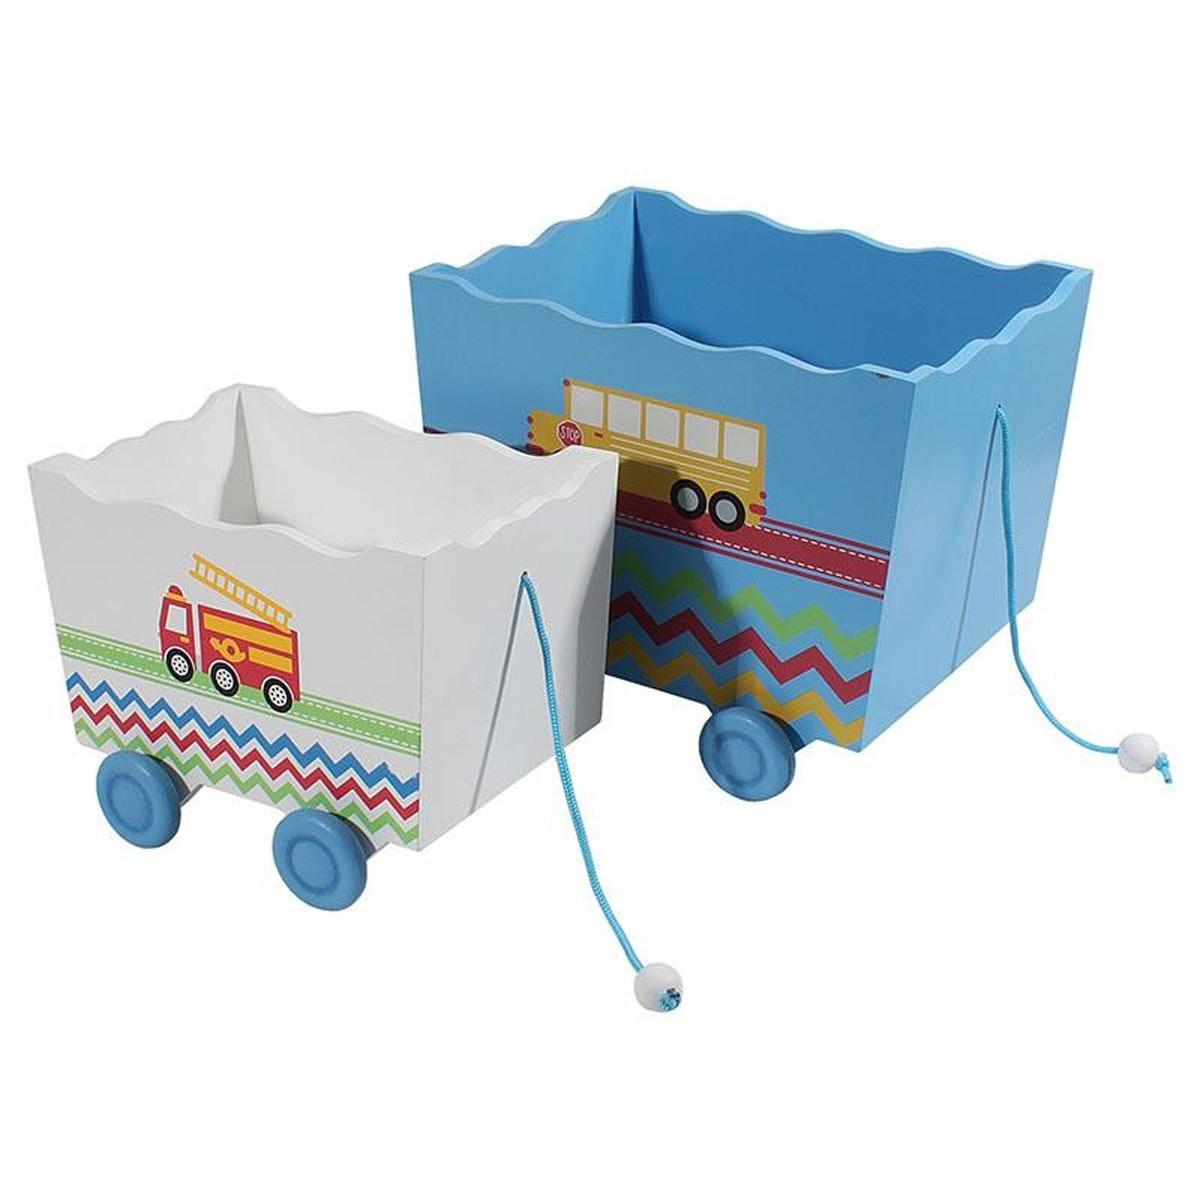 Παιδικά Καλάθια (Σετ 2τμχ) InArt Trucks 3-70-304-0002